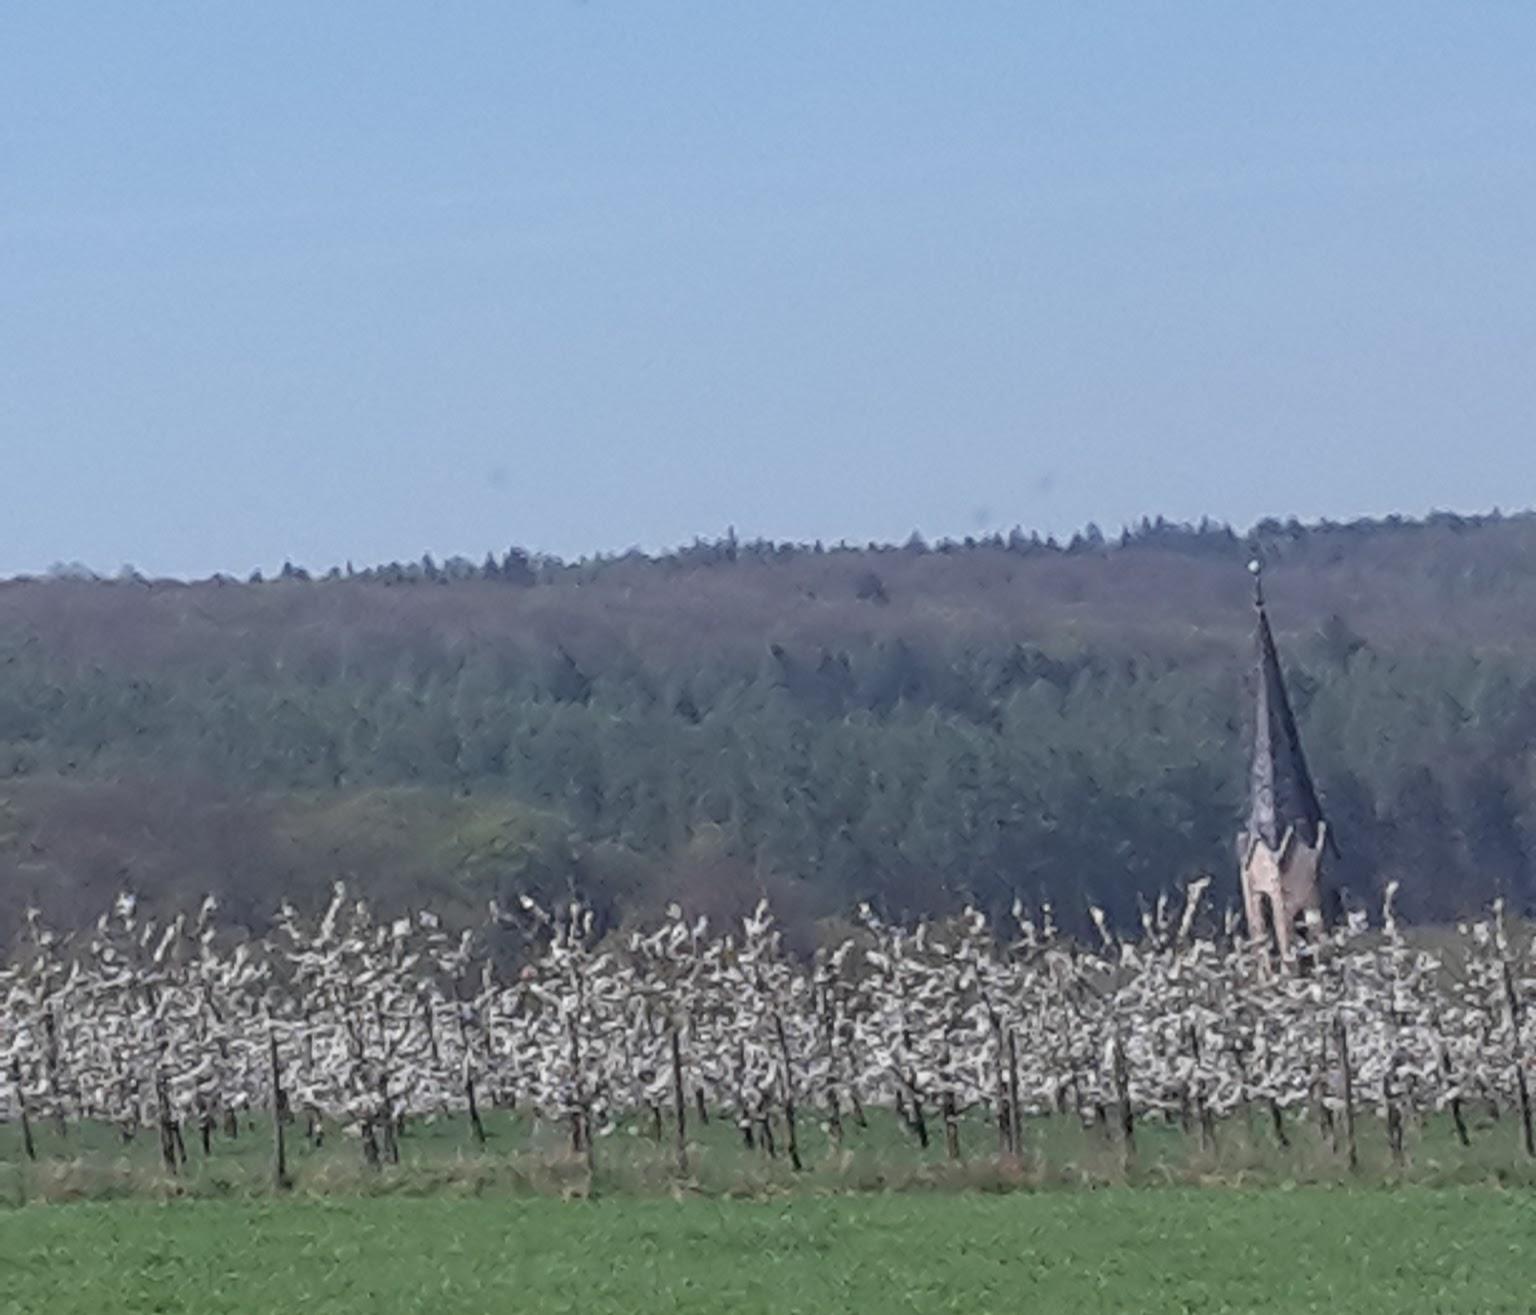 2018.04.19 Gierstädt 1 Kirschblüte